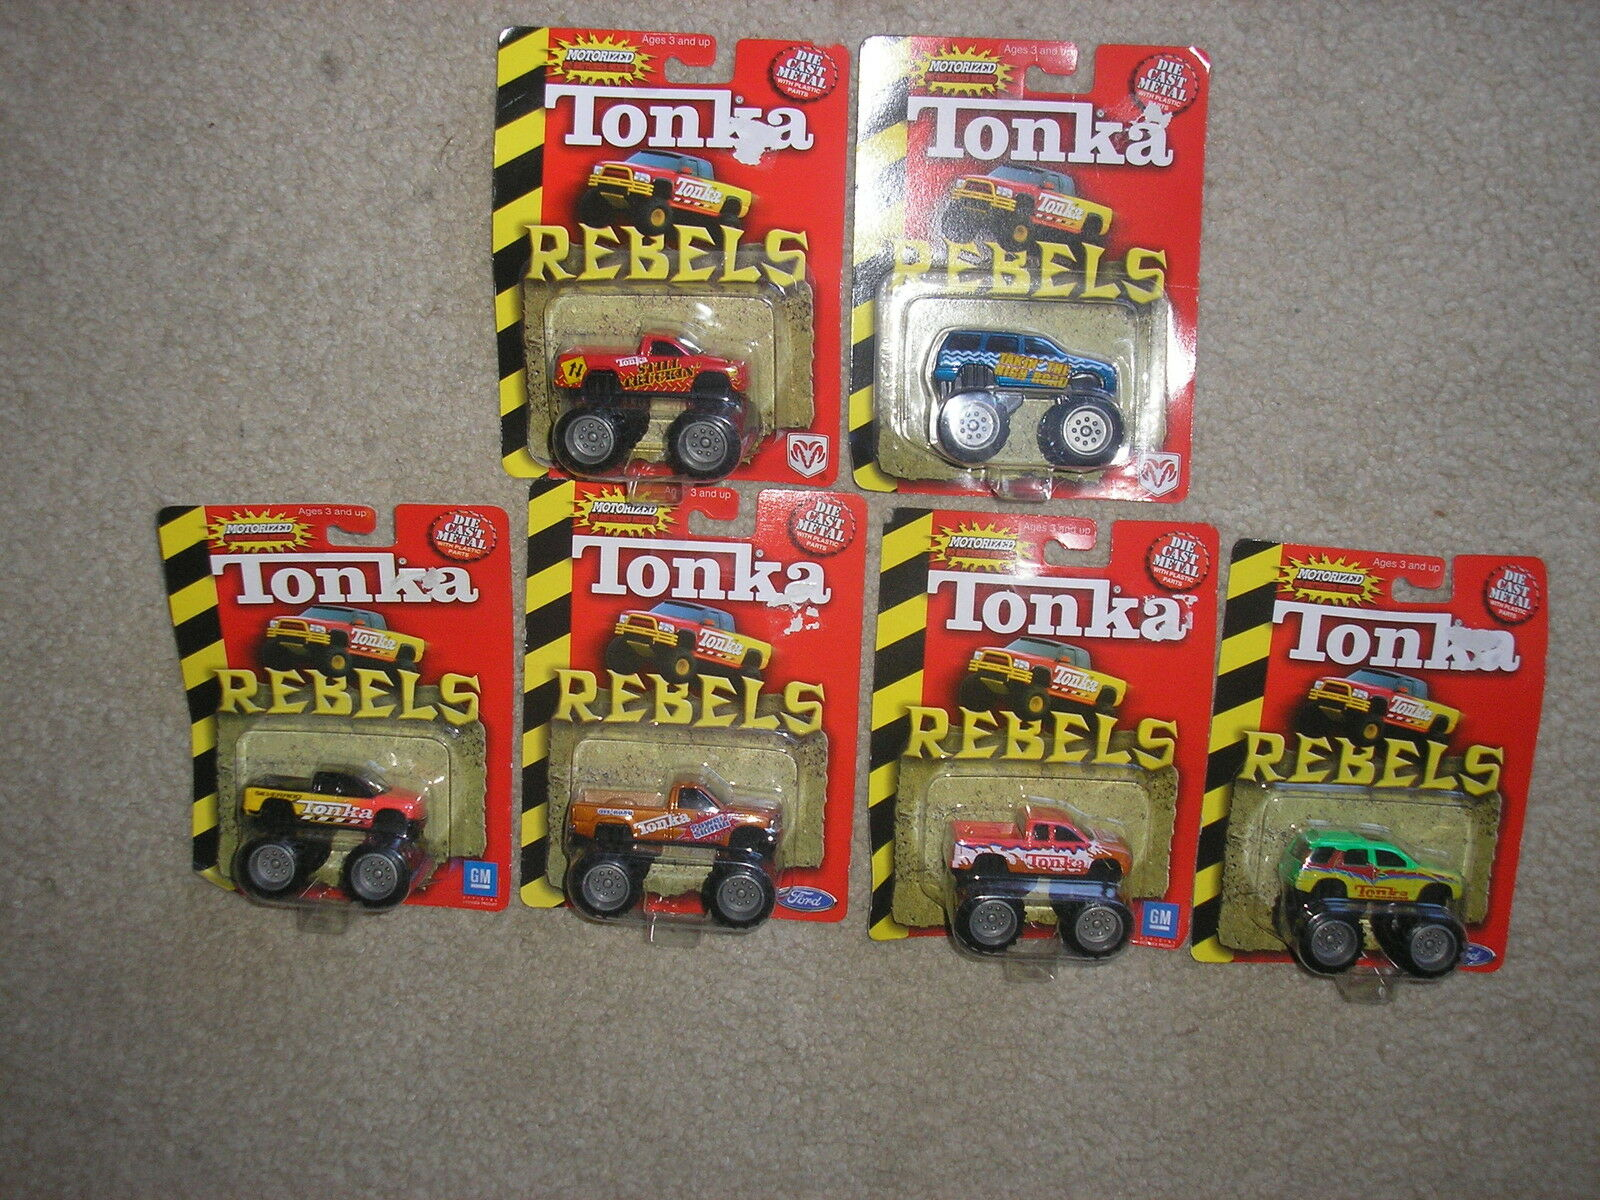 barato y de alta calidad Nuevo Lote De 6 6 6 Tonka rebeldes Die Cast Metal Motorizado no hay baterías necesarias  alta calidad